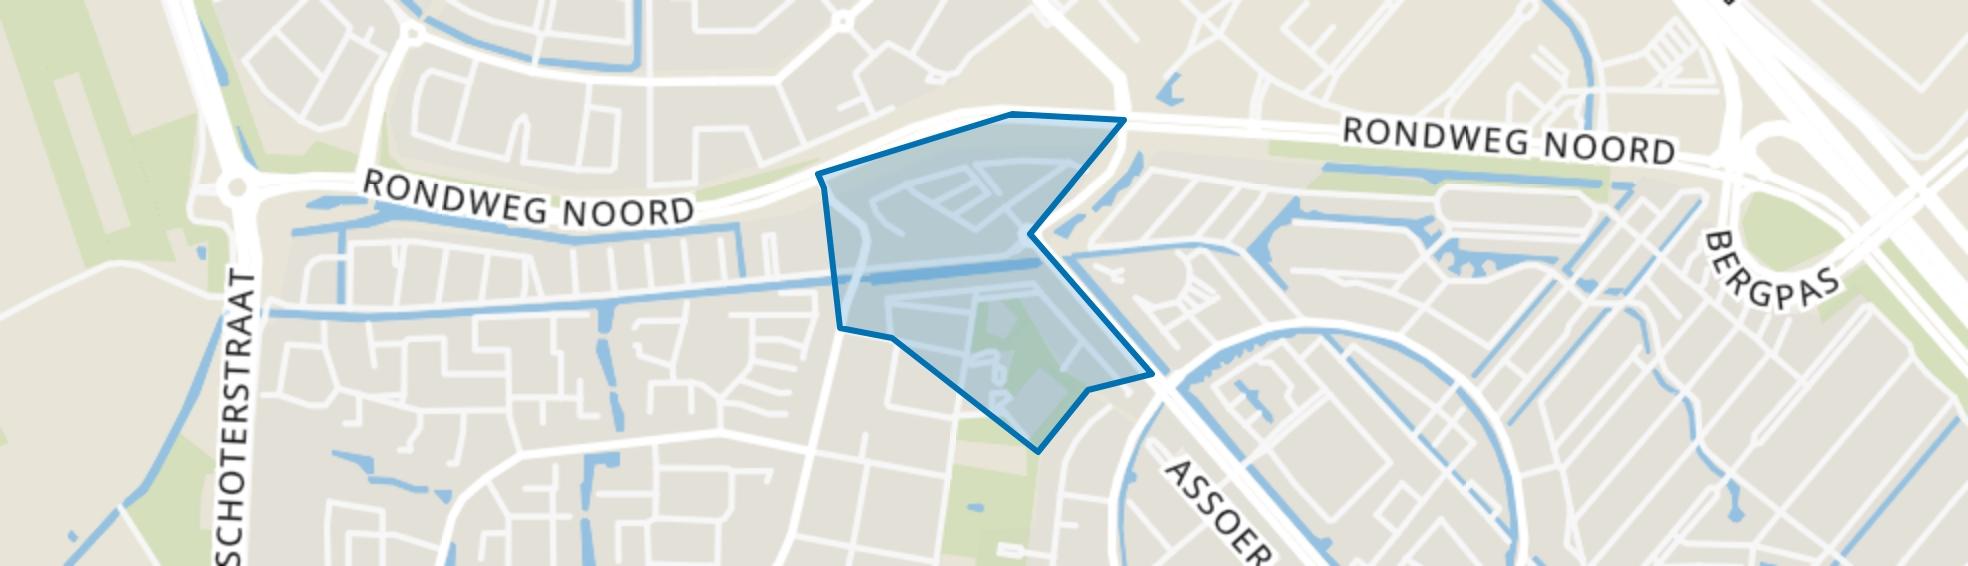 De Brinken, Hoogland map